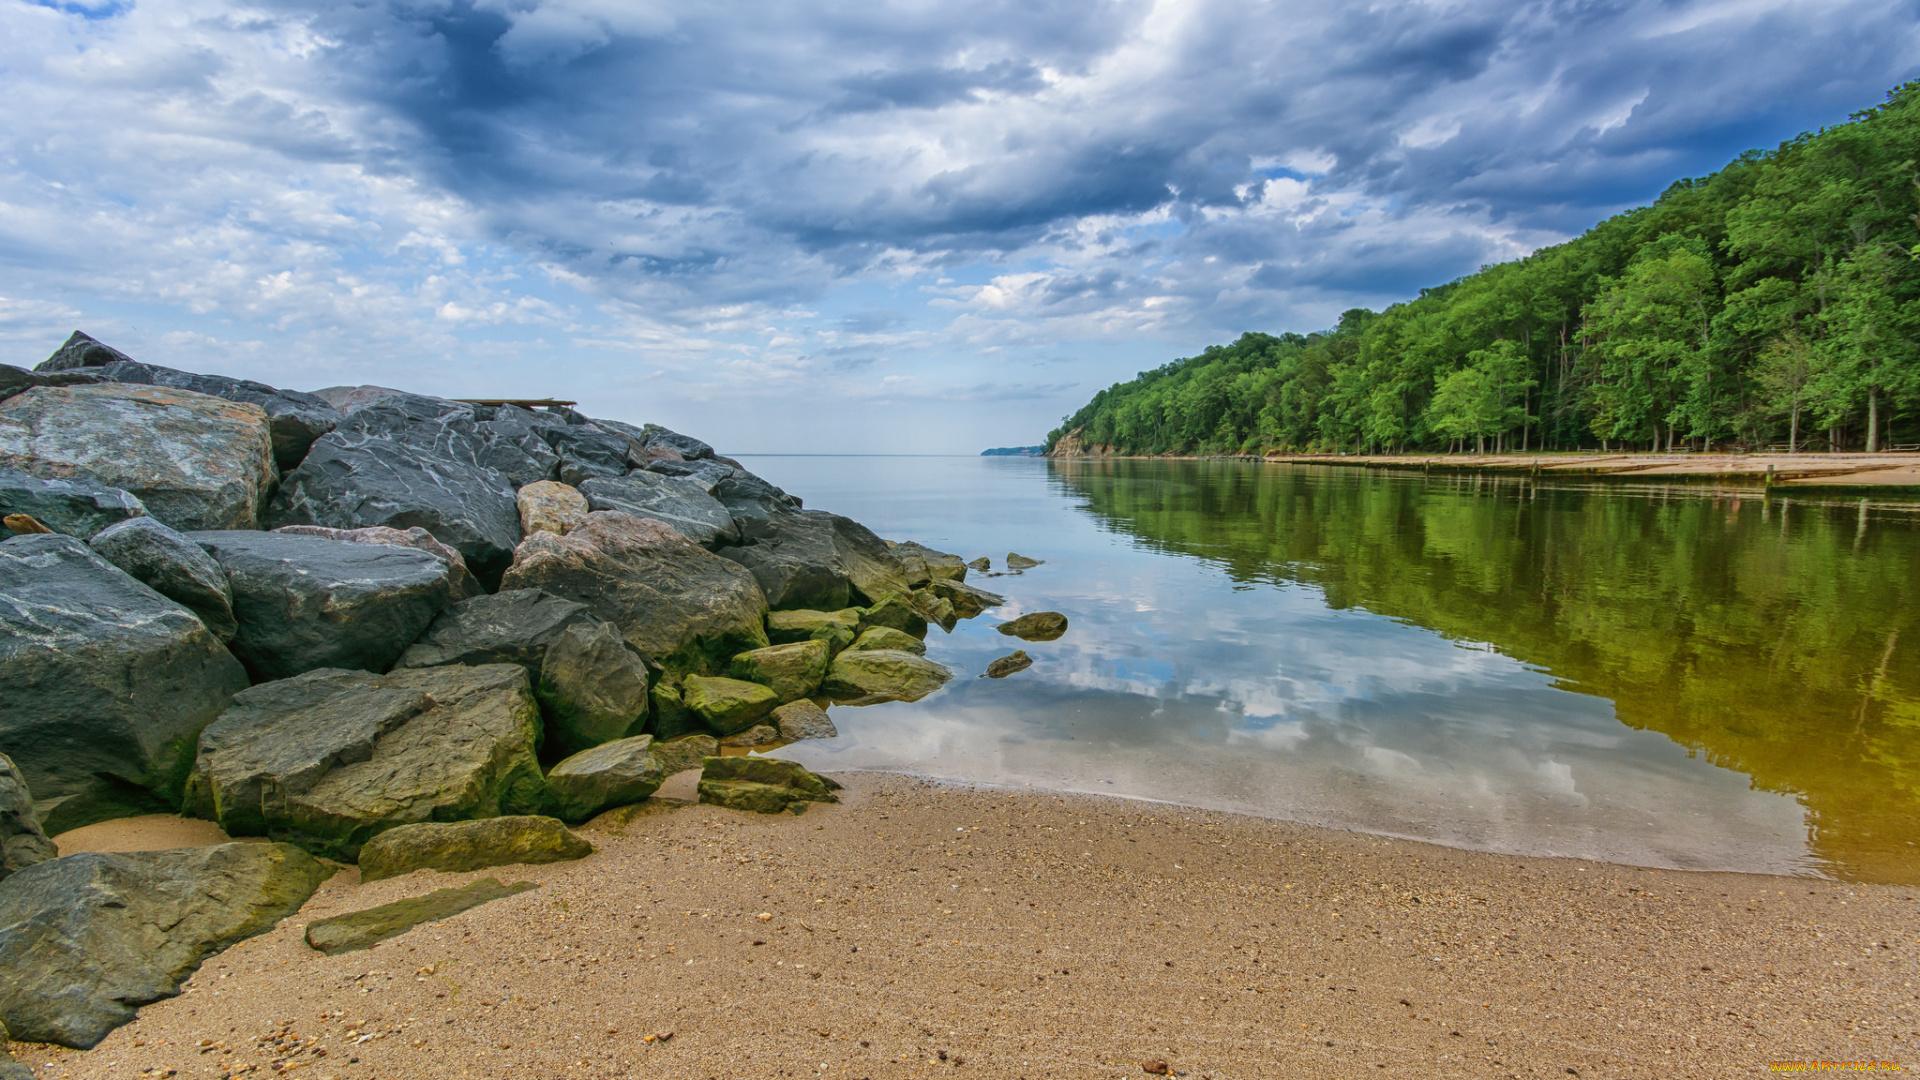 данном отзыве реки с песчаными берегами фото красивых рек возможность есть